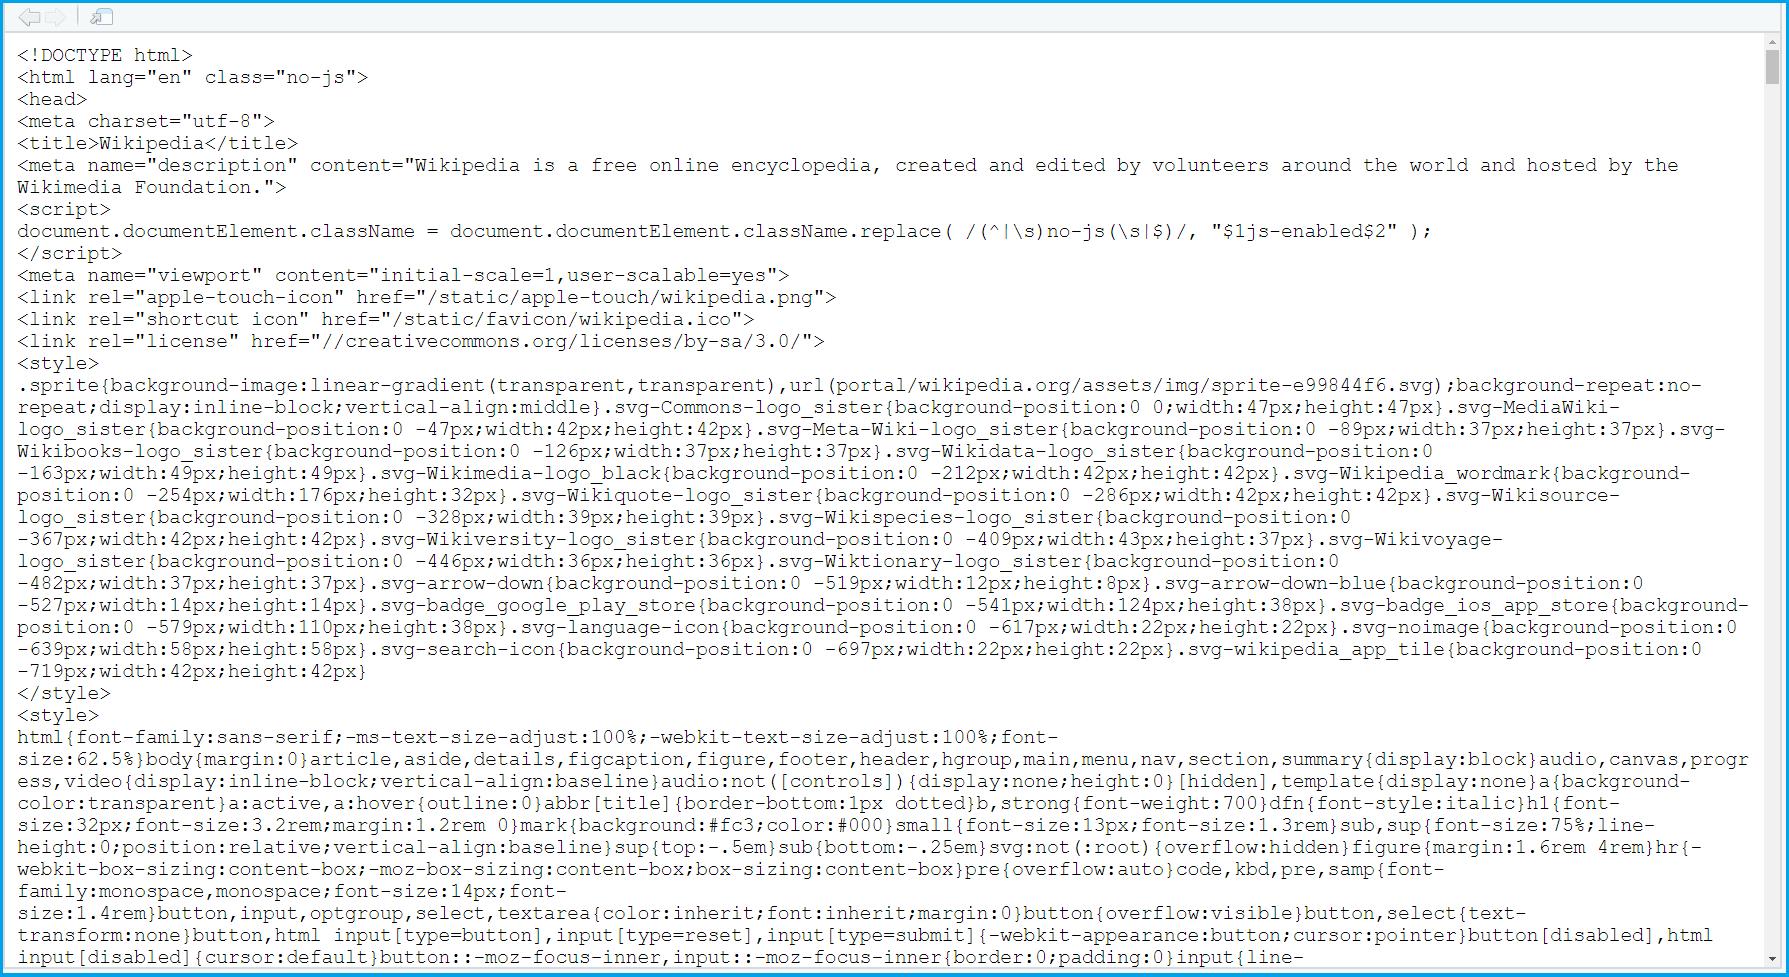 Example URL